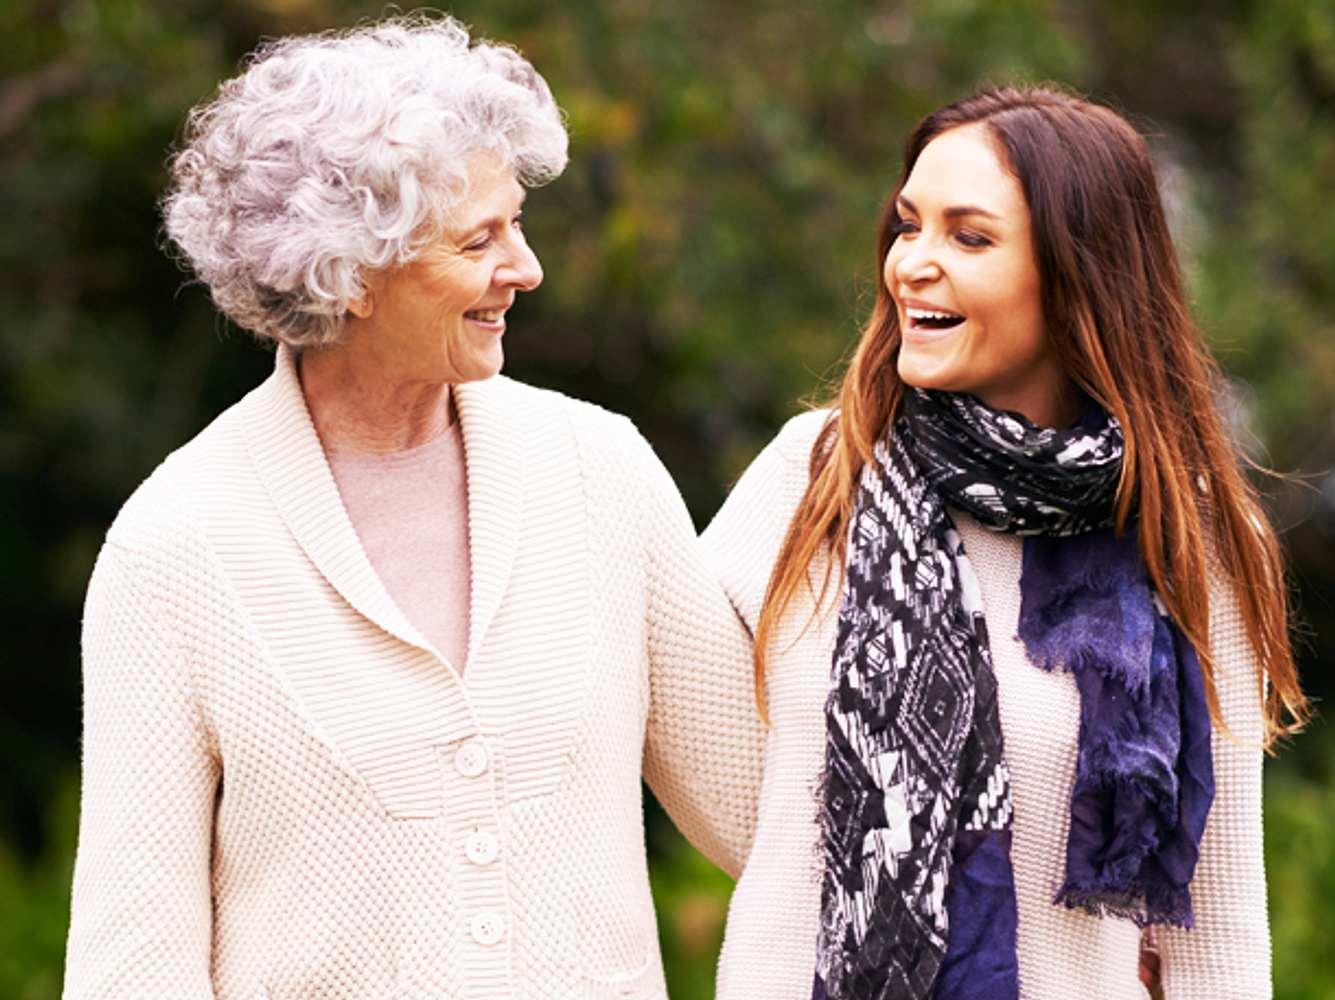 Gesundheit: 5 Fragen, die du deiner Mutter stellen solltest